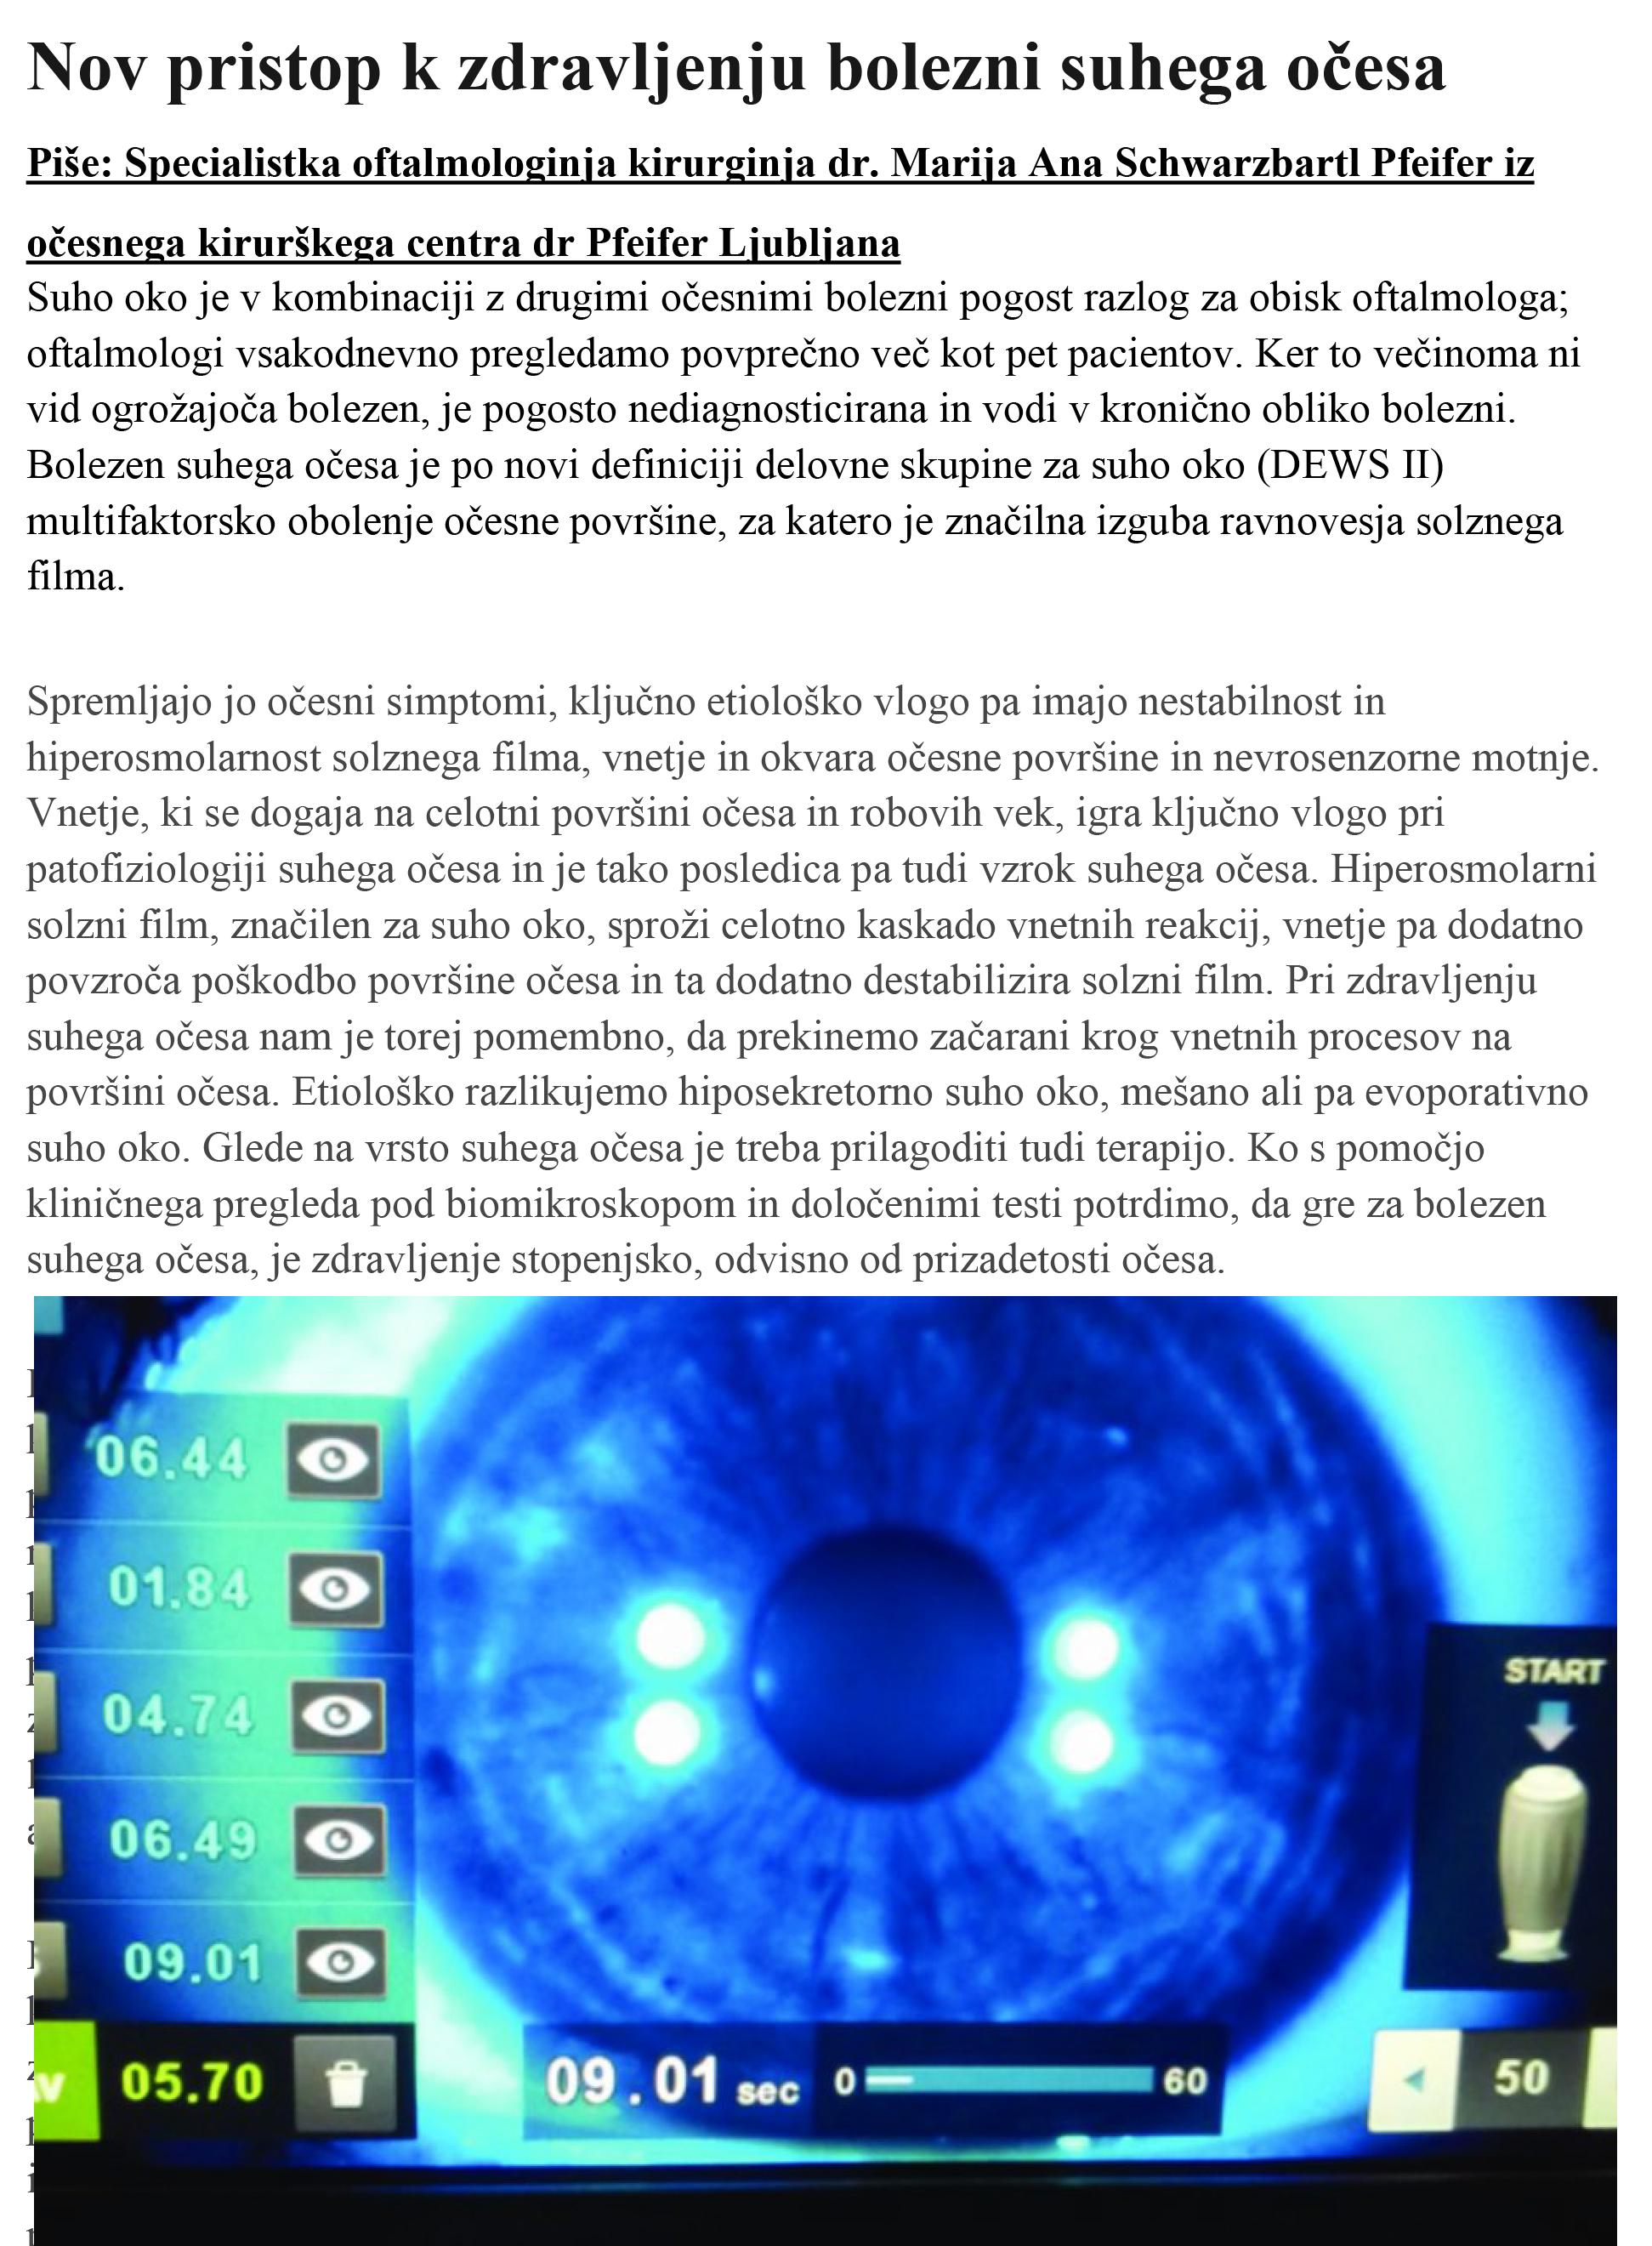 Nova MEDICINA - Nov pristop k zdravljenju bolezni suhega očesa - oktober 2020